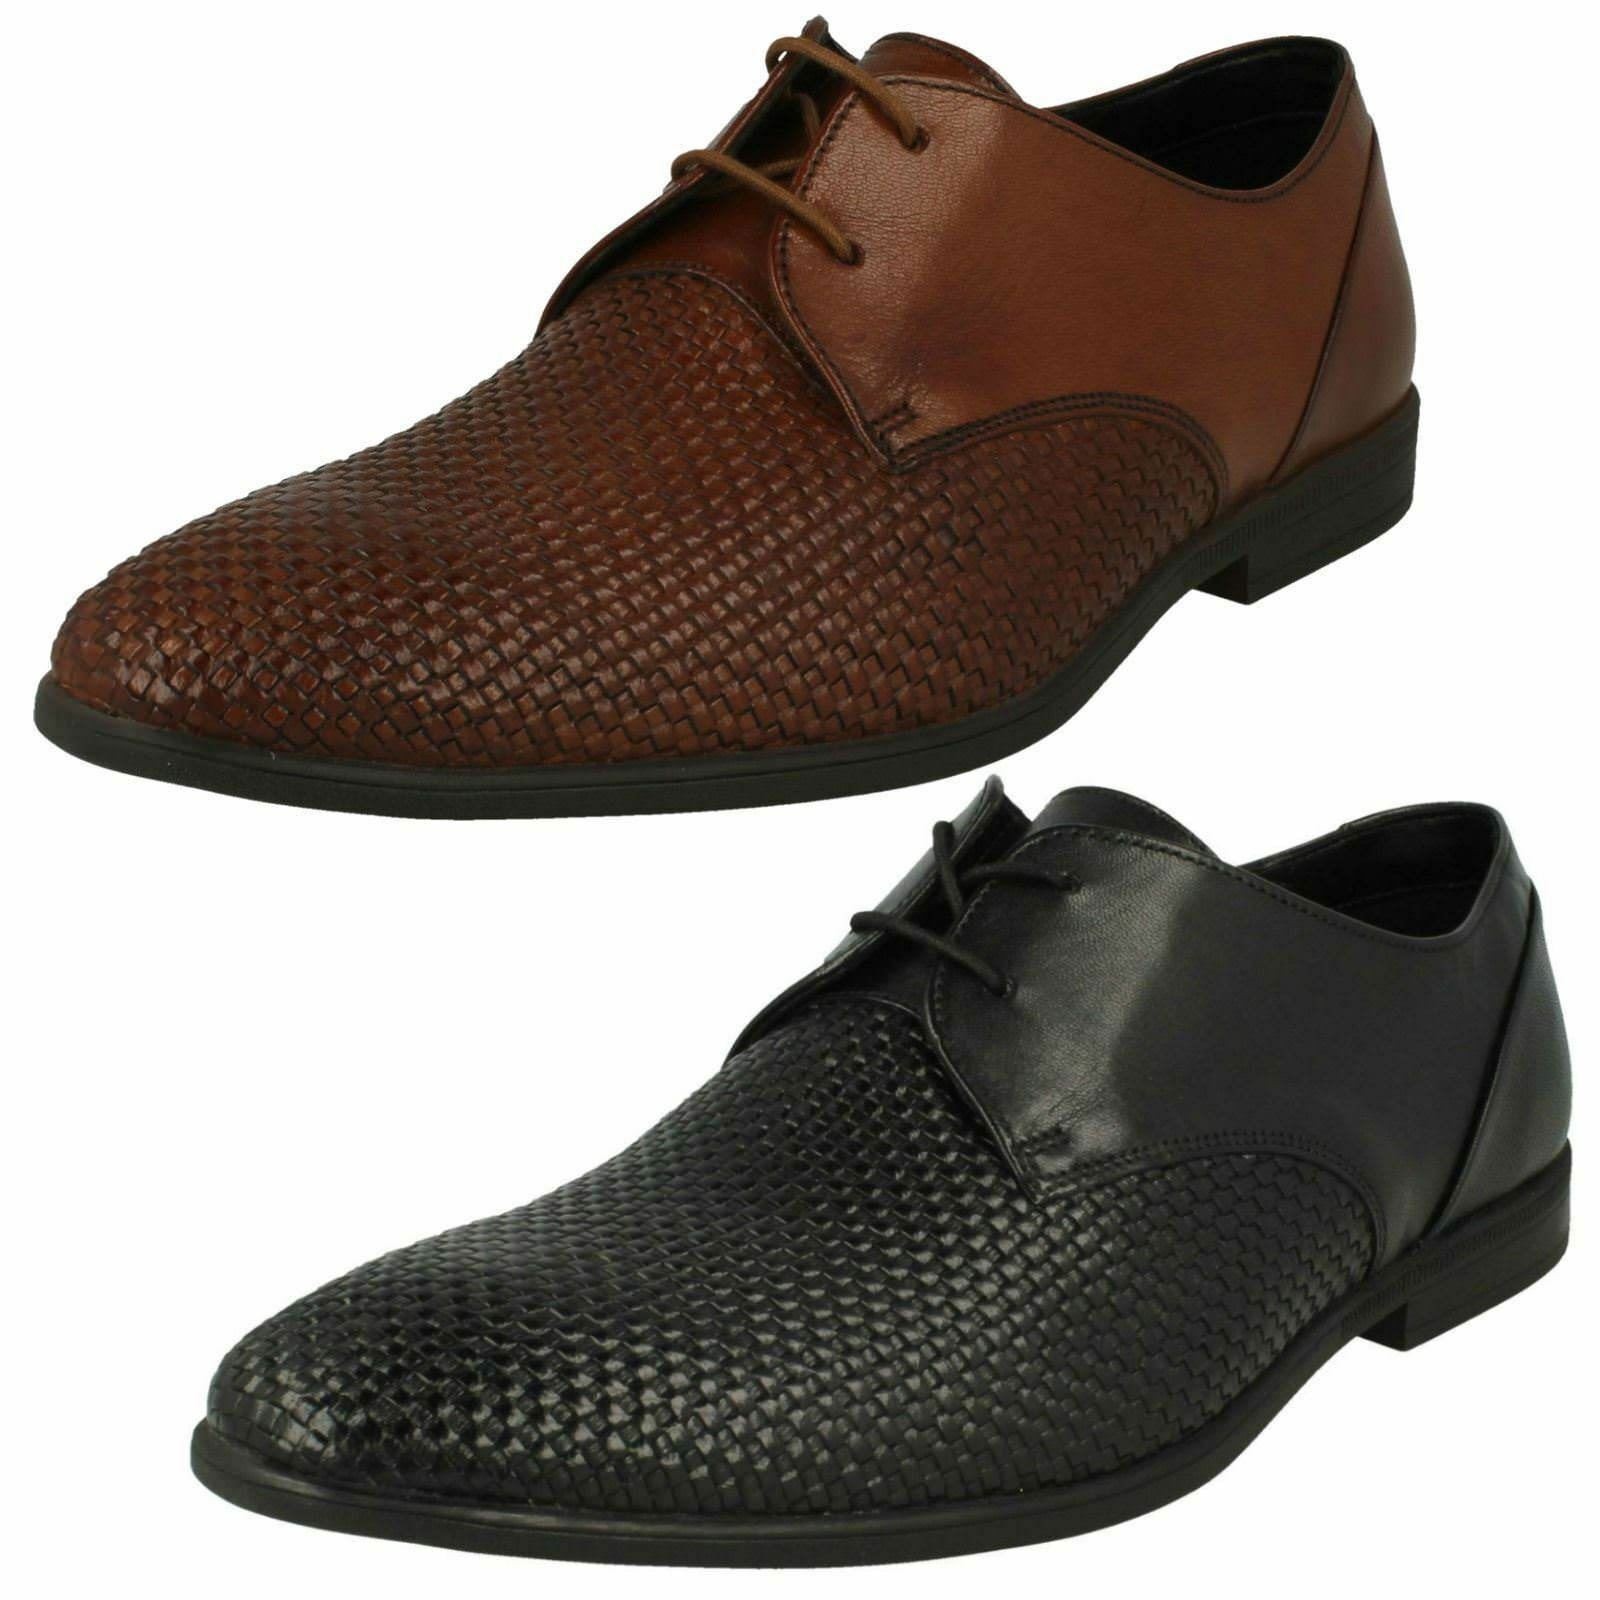 Clarks Bampton Gewebt Stylisch Schnürer Smart Schuhe